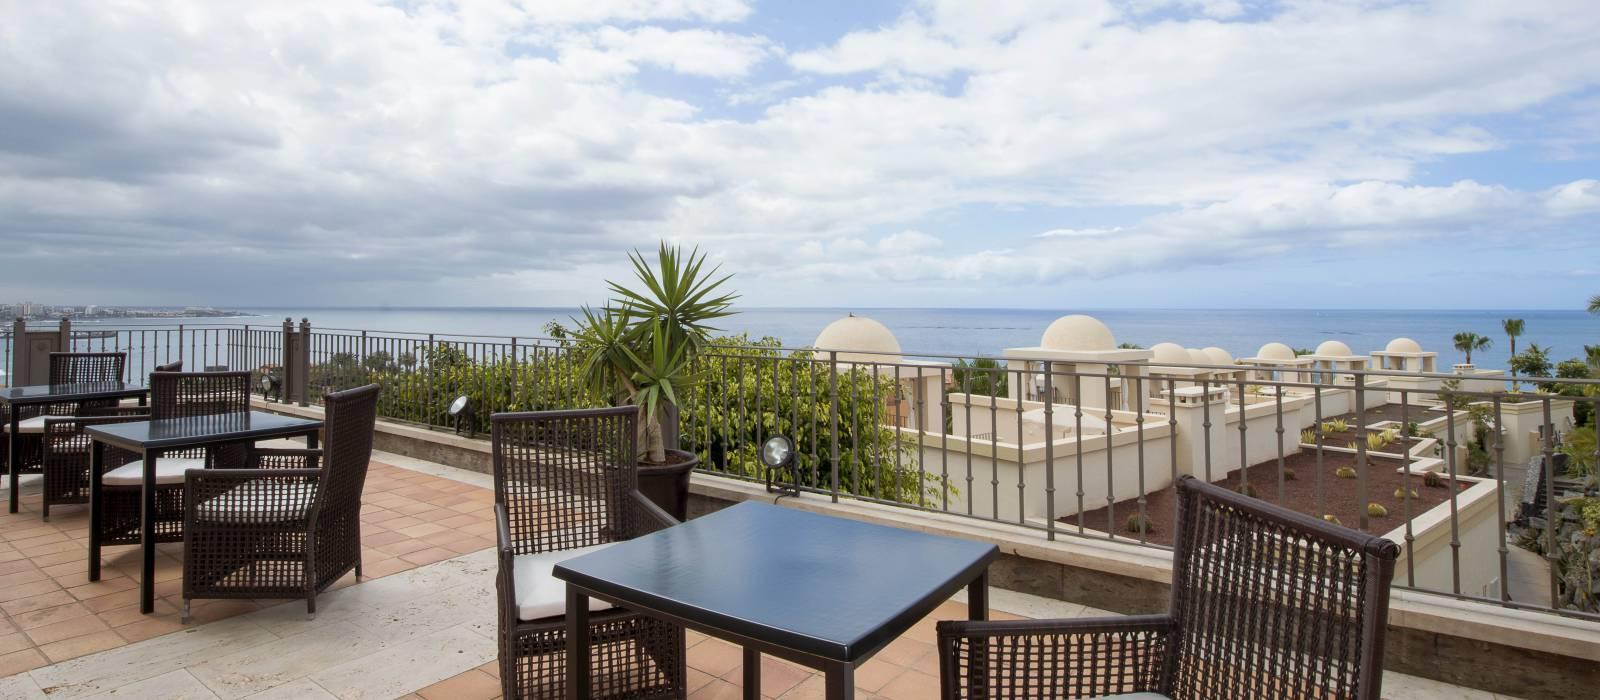 Restaurant Hotel La Plantación del Sur Tenerife - El Colonial